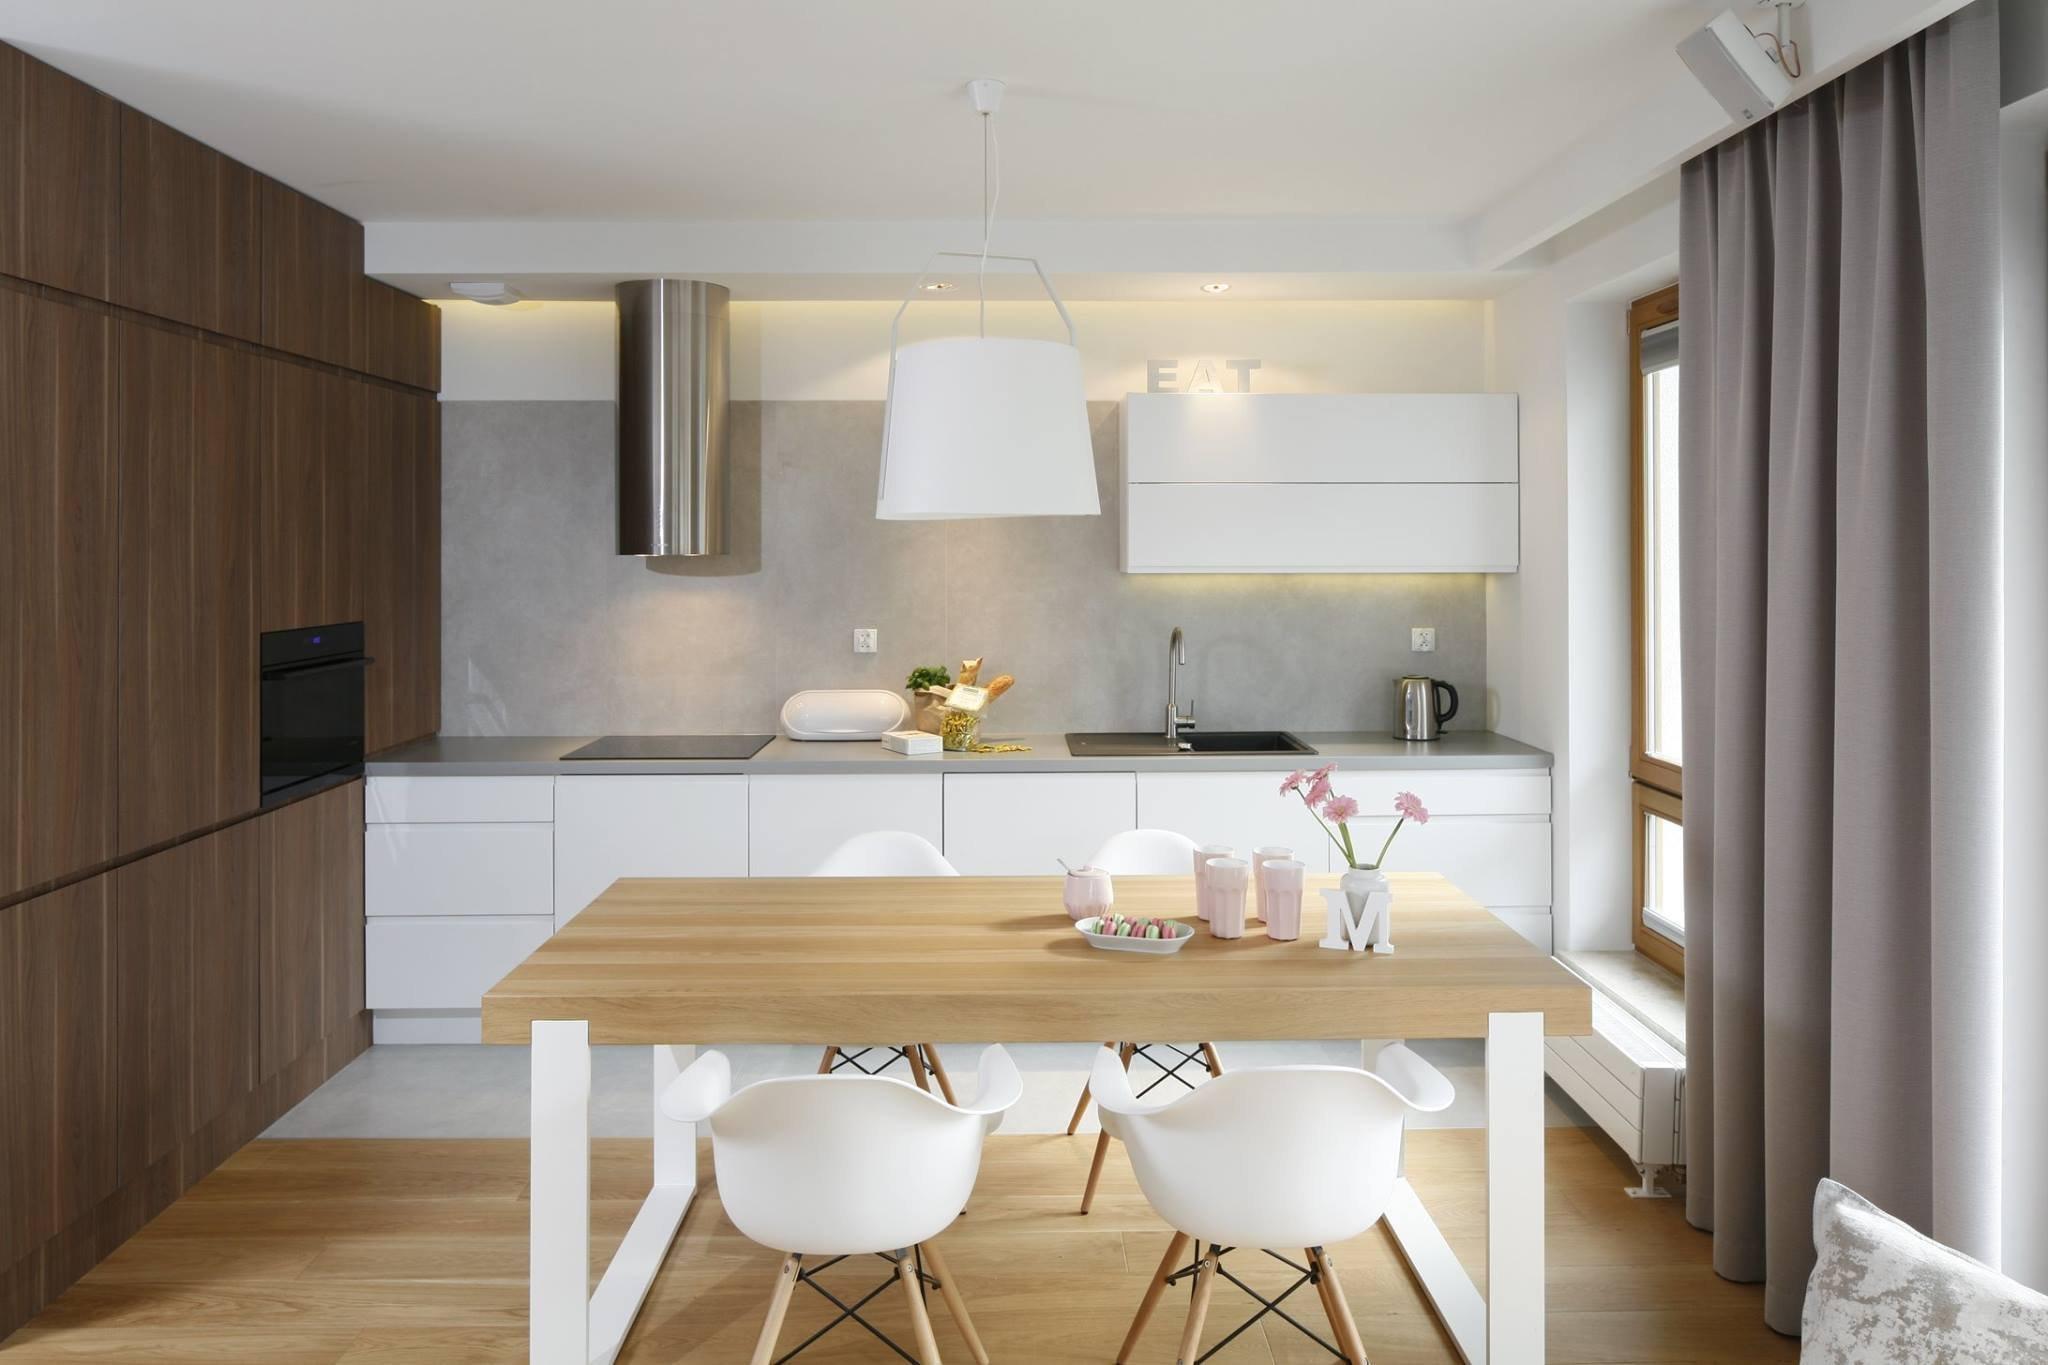 O tom, že i na malém prostoru může vzniknout působivý interiér plný originality a invence, vás přesvědčí Przemek Kuśmierek, designér prostorově skromného bytu v novostavbě. Ten nabízí příjemné útočiště v náručí bílé a šedé barvy, jejichž kompozici prohřívá přirozená krása dřeva.